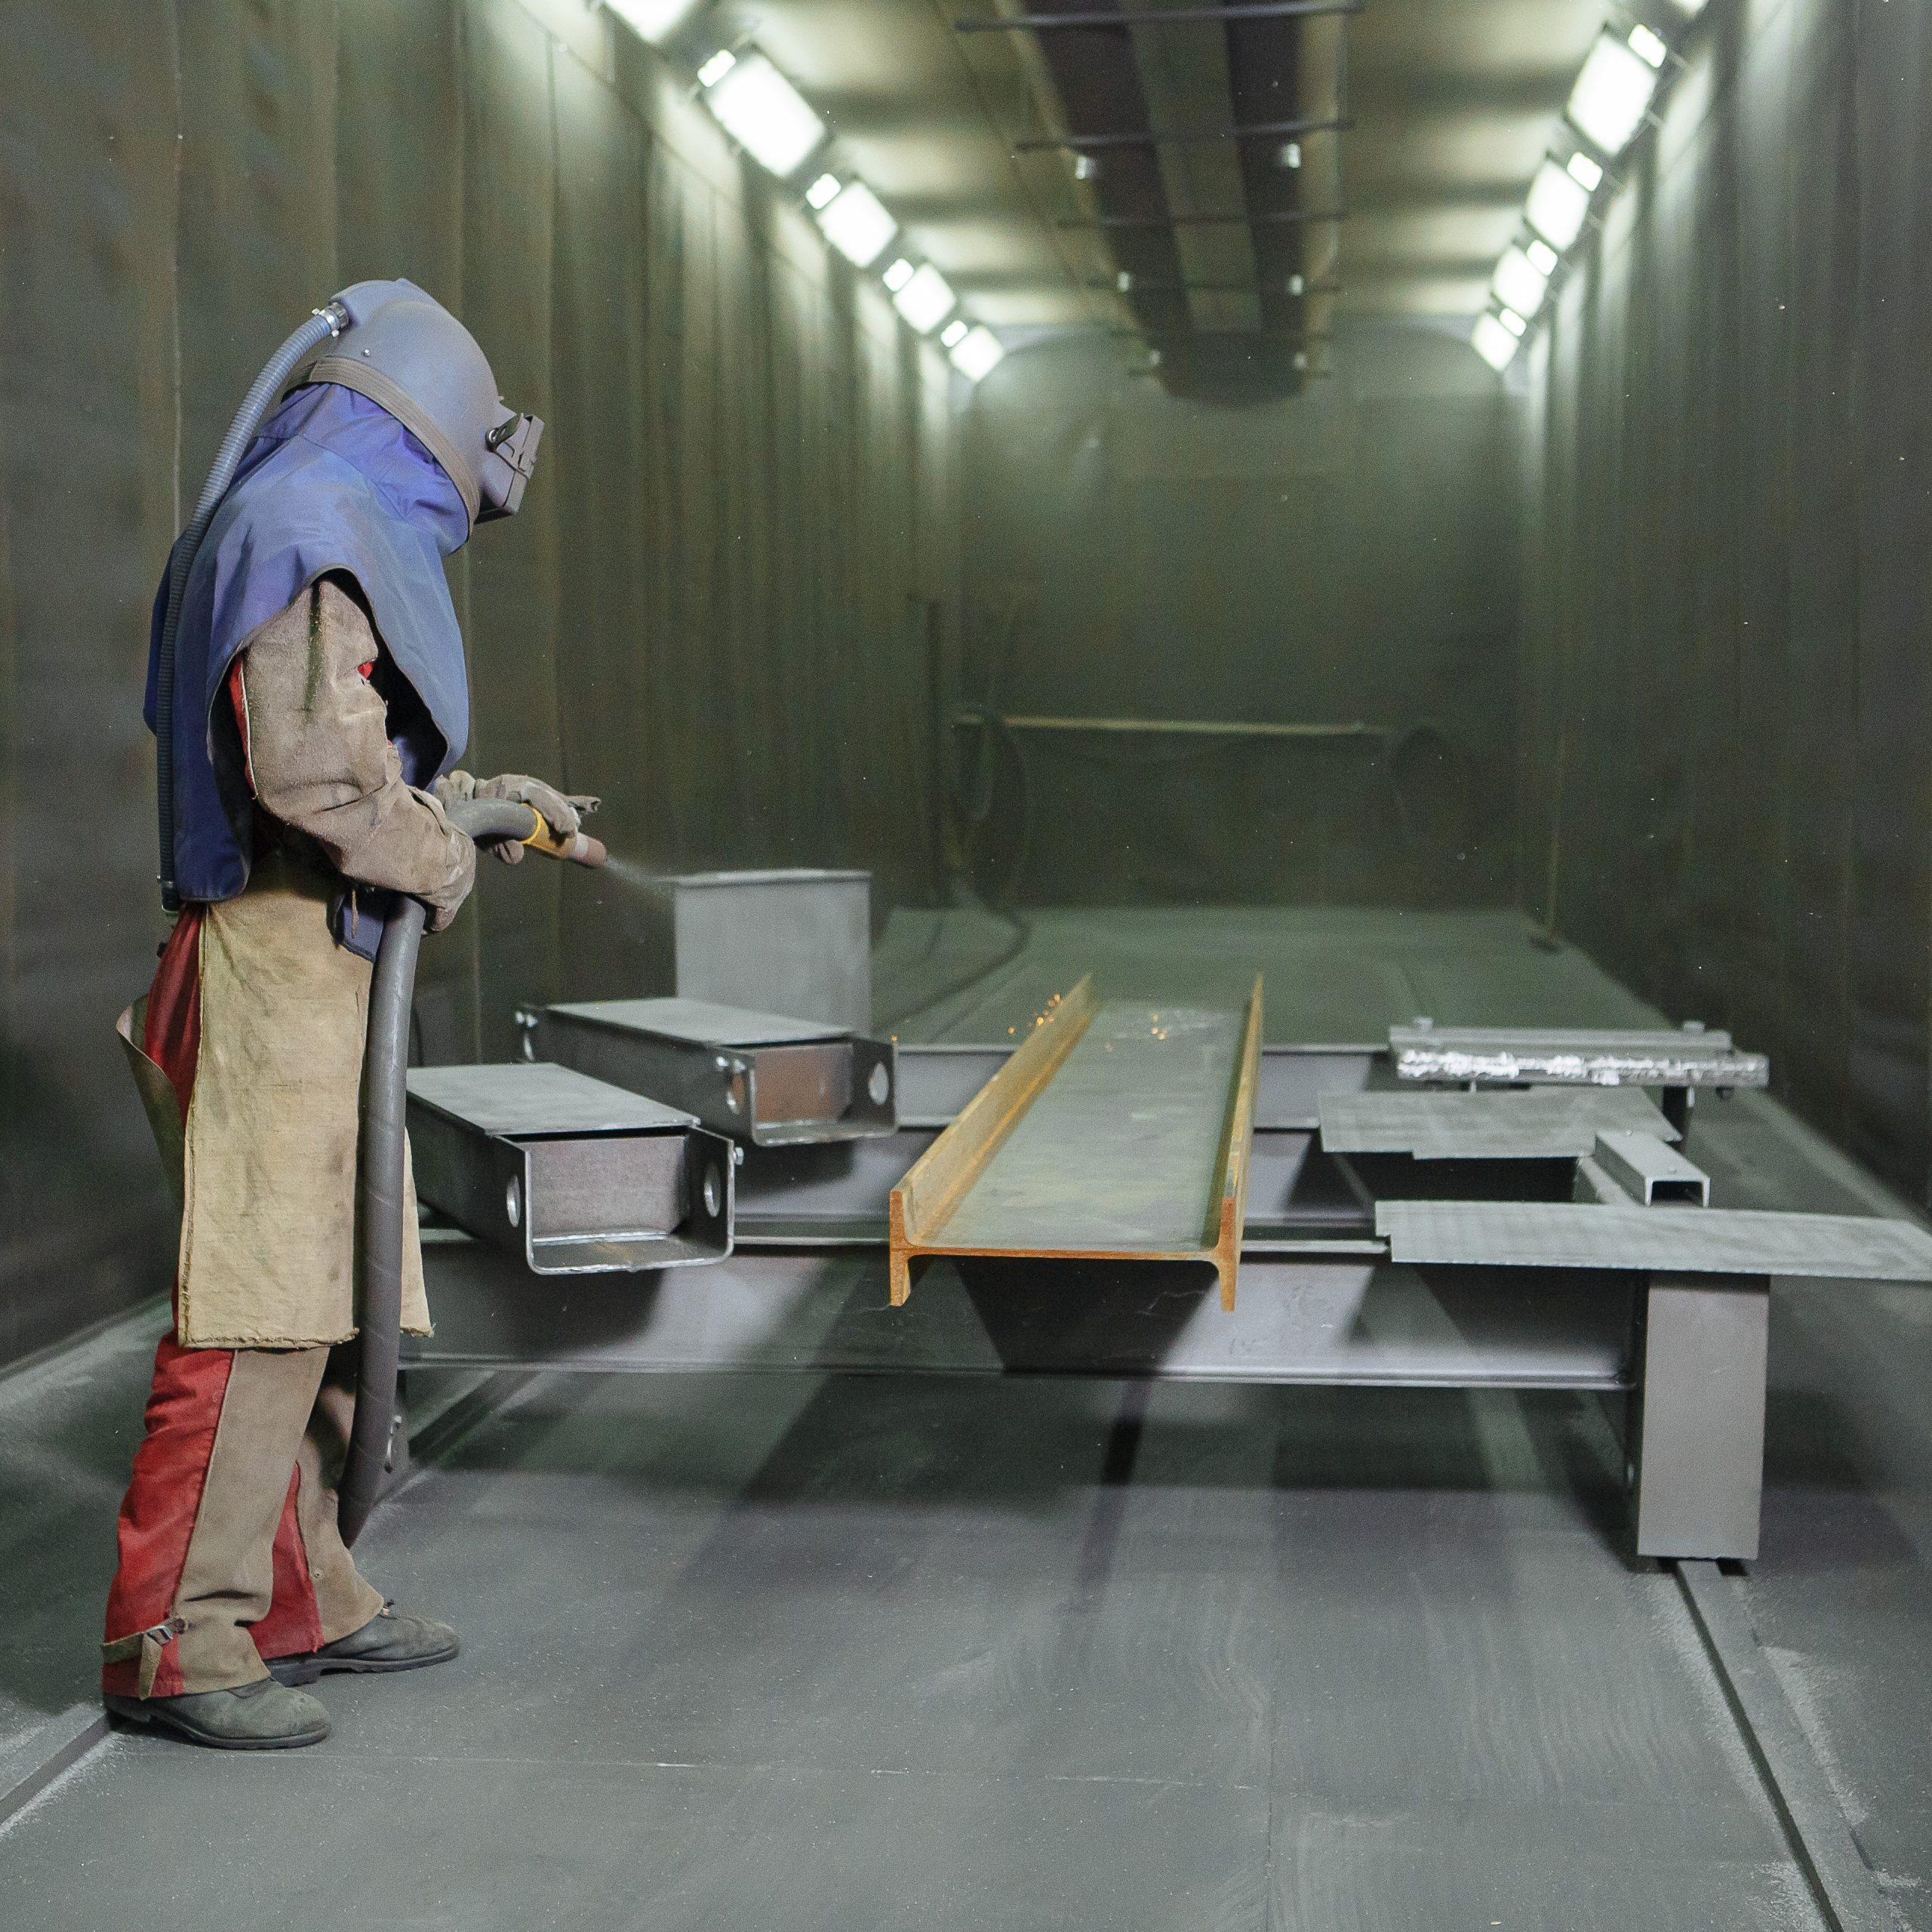 Extragerea de cabine de explozie și explozive